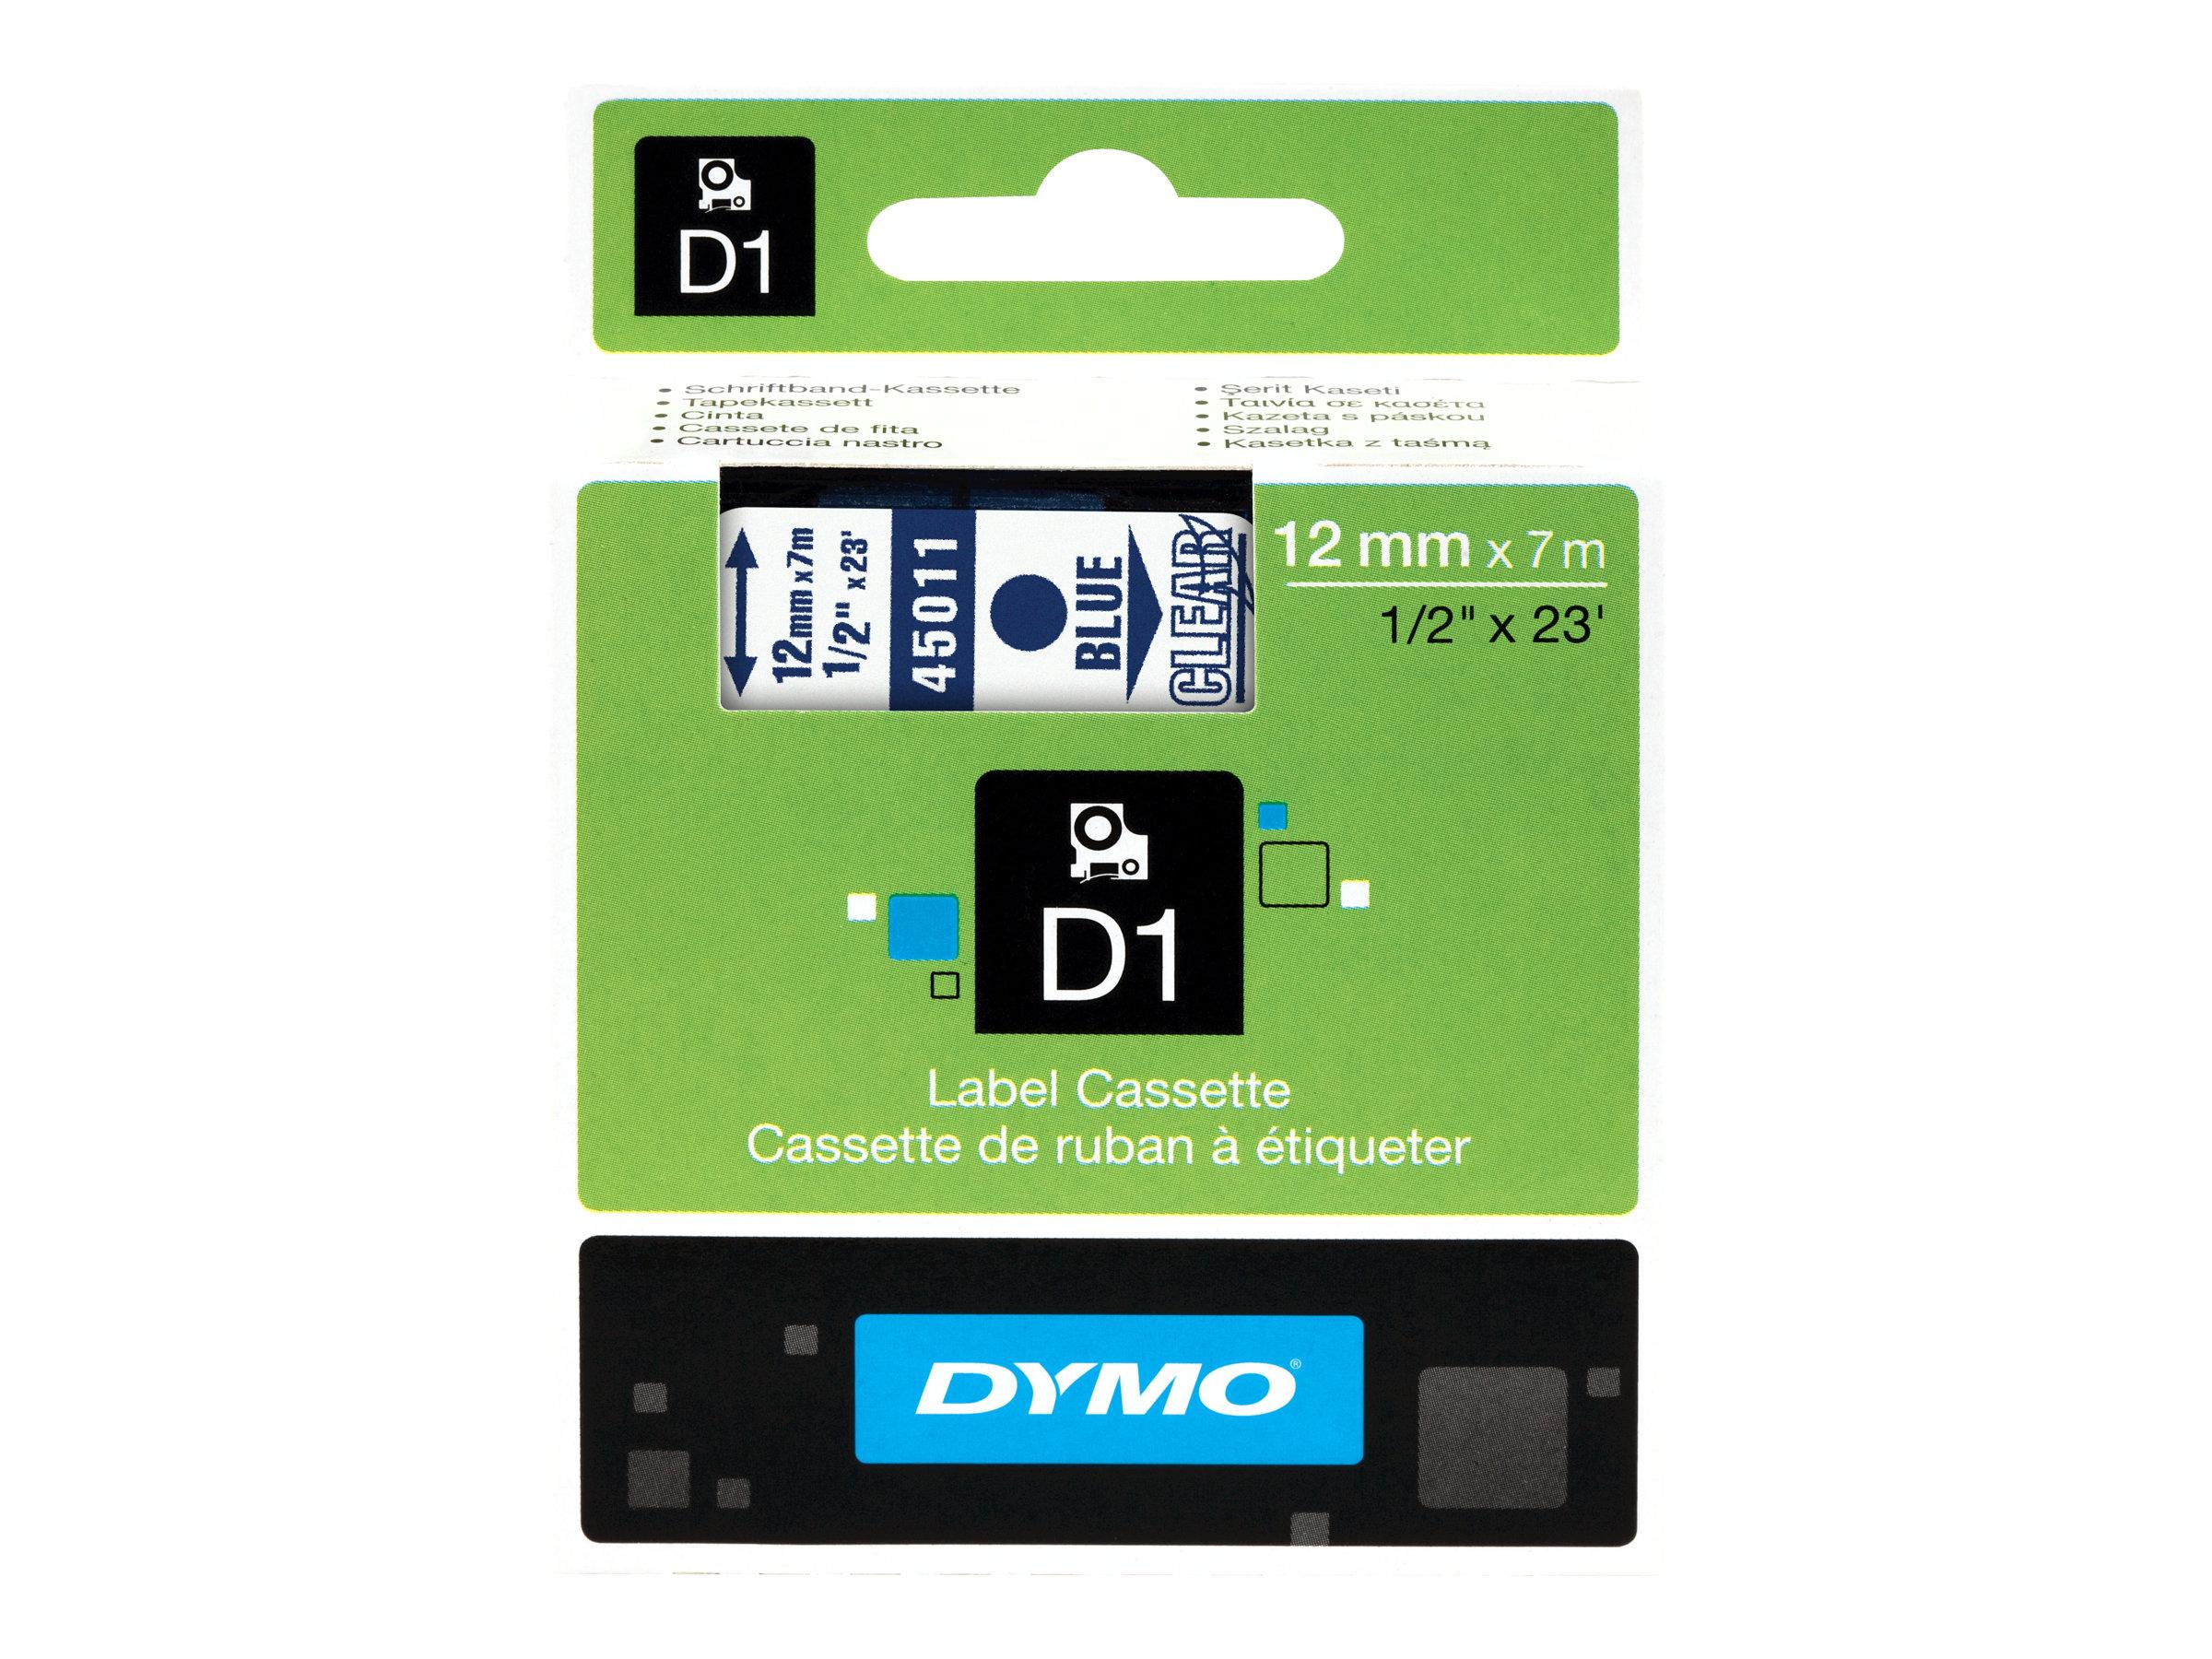 DYMO D1 - Selbstklebend - Blue On TranErsatzteilnt - Rolle (1,2 cm x 7 m) 1 Rolle(n) Etikettenband - für LabelMANAGER 150, 350,